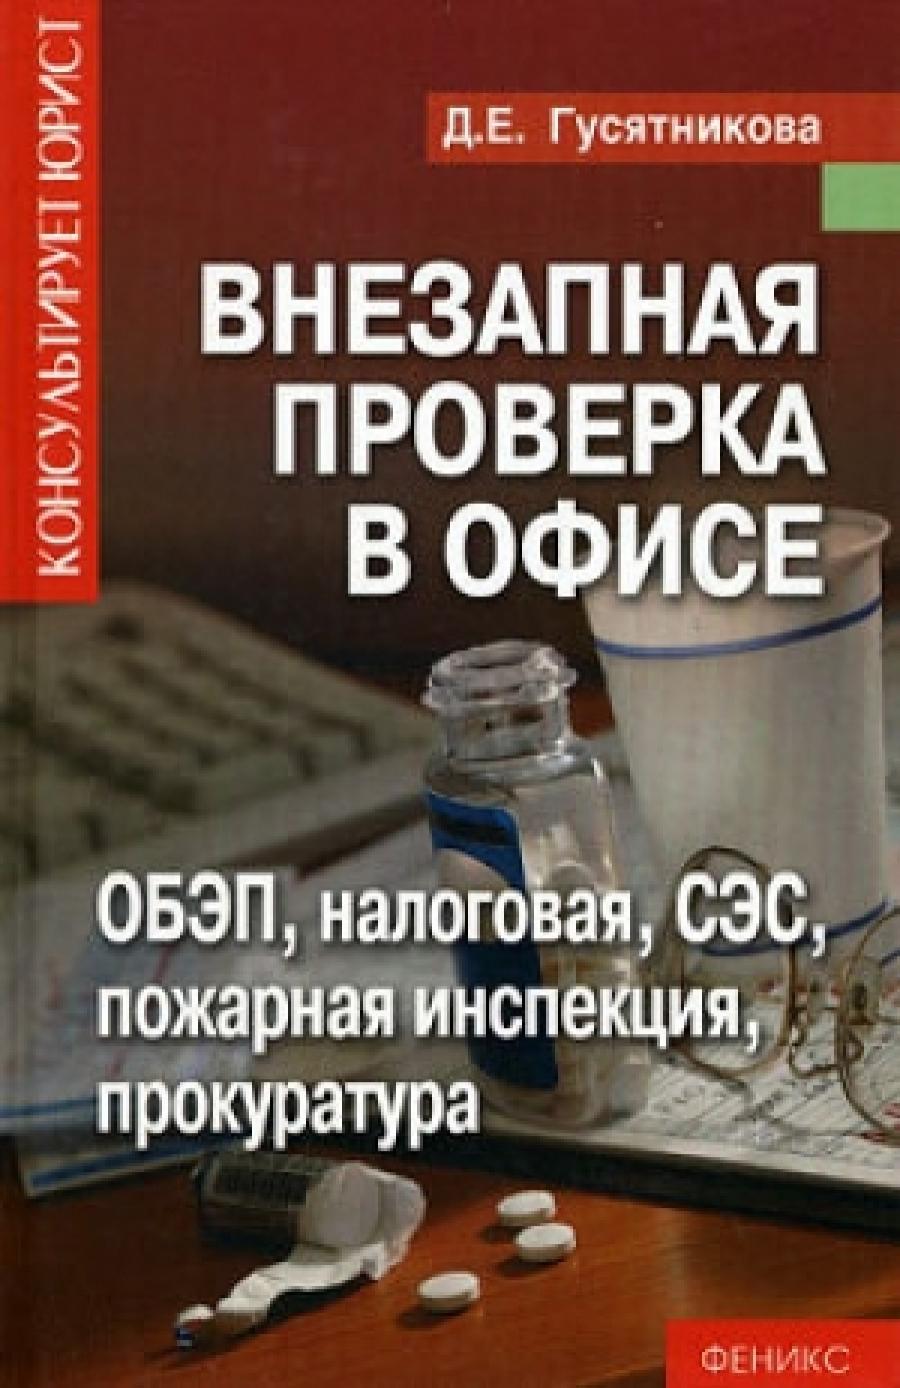 Обложка книги:  консультирует юрист - д. е. гусятникова - внезапная проверка в офисе